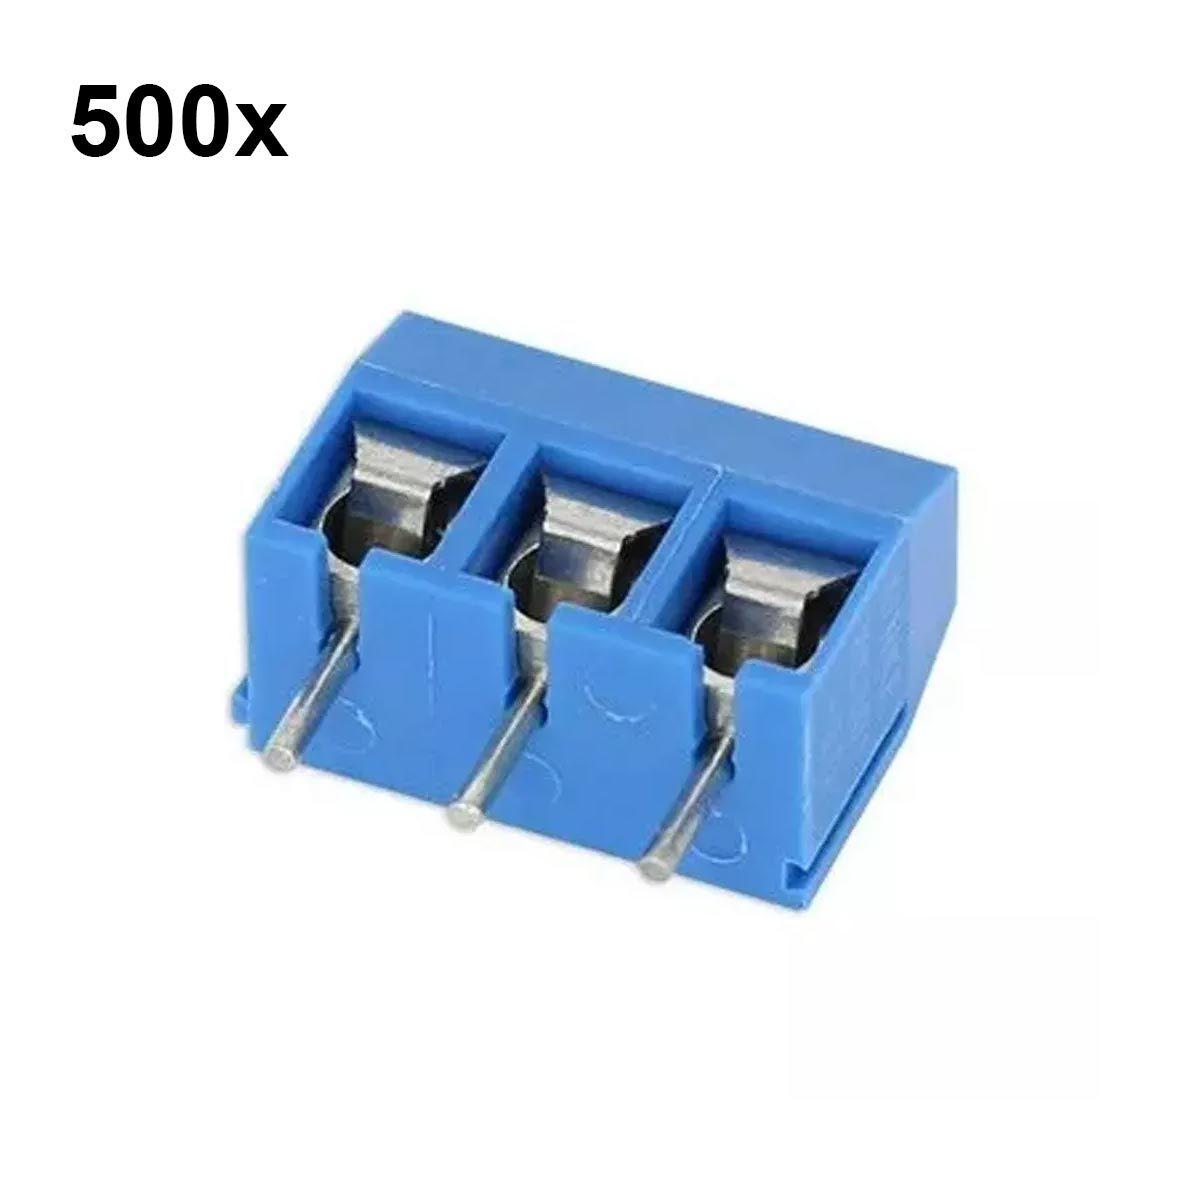 500x Conector Borne KRE KF301 3p 3 Vias com Parafuso